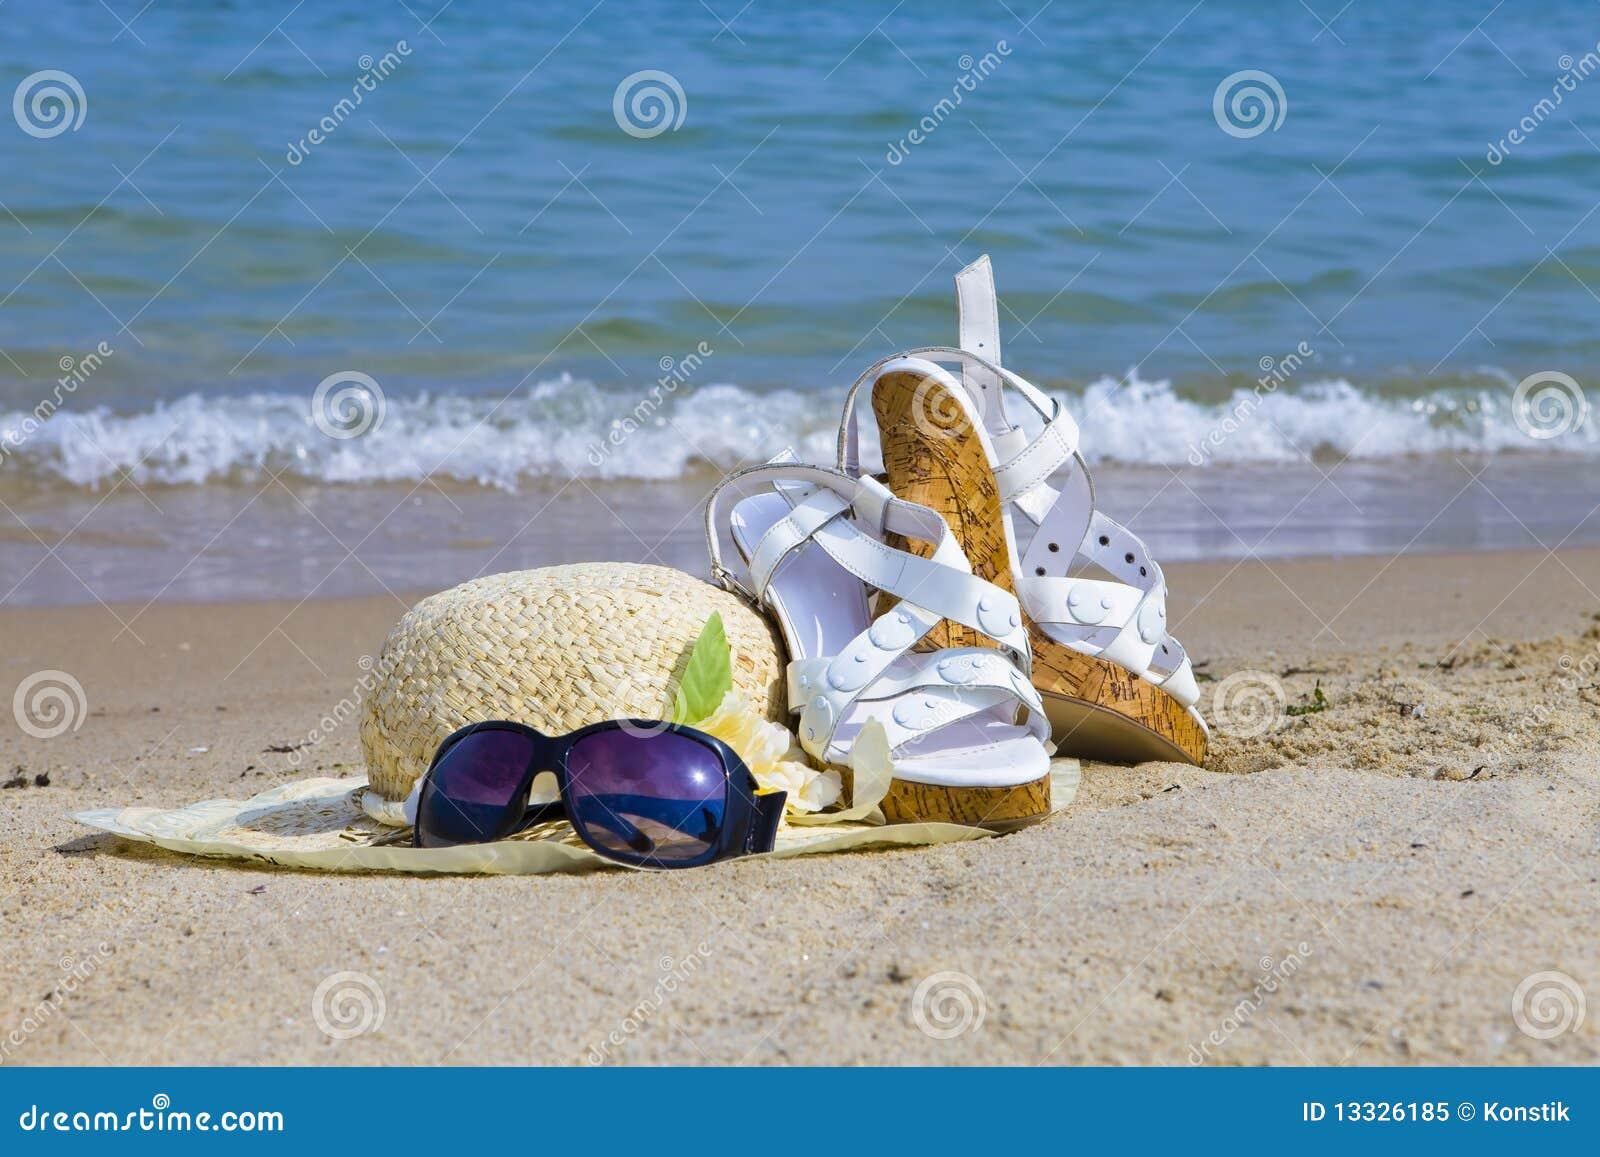 Kapeluszu lay piaska sandała słomy okulary przeciwsłoneczne